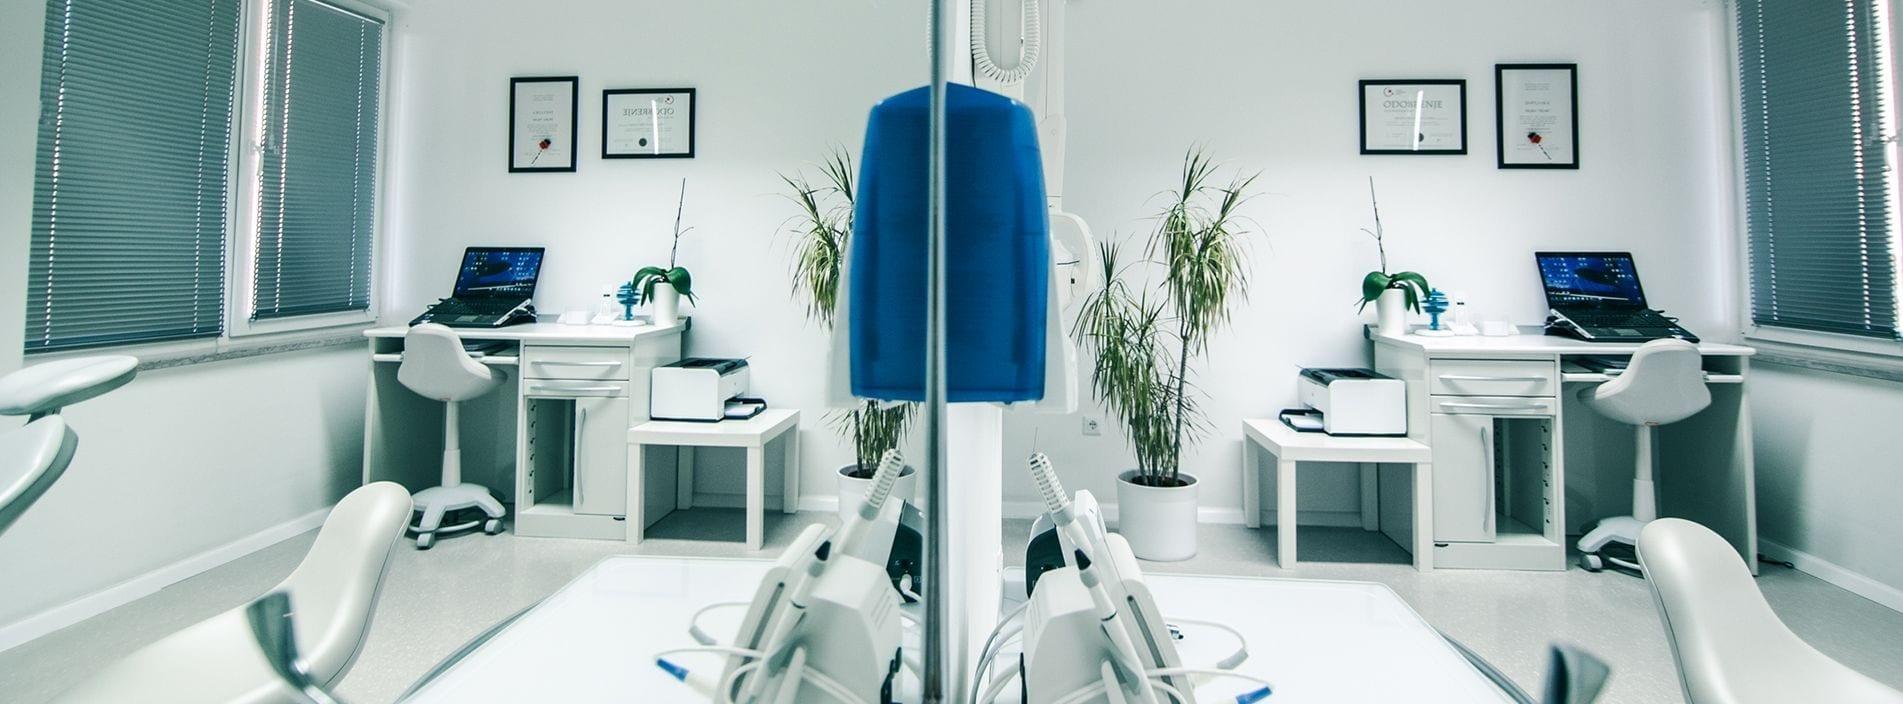 Studio dentistico CentroDENT - Croazia